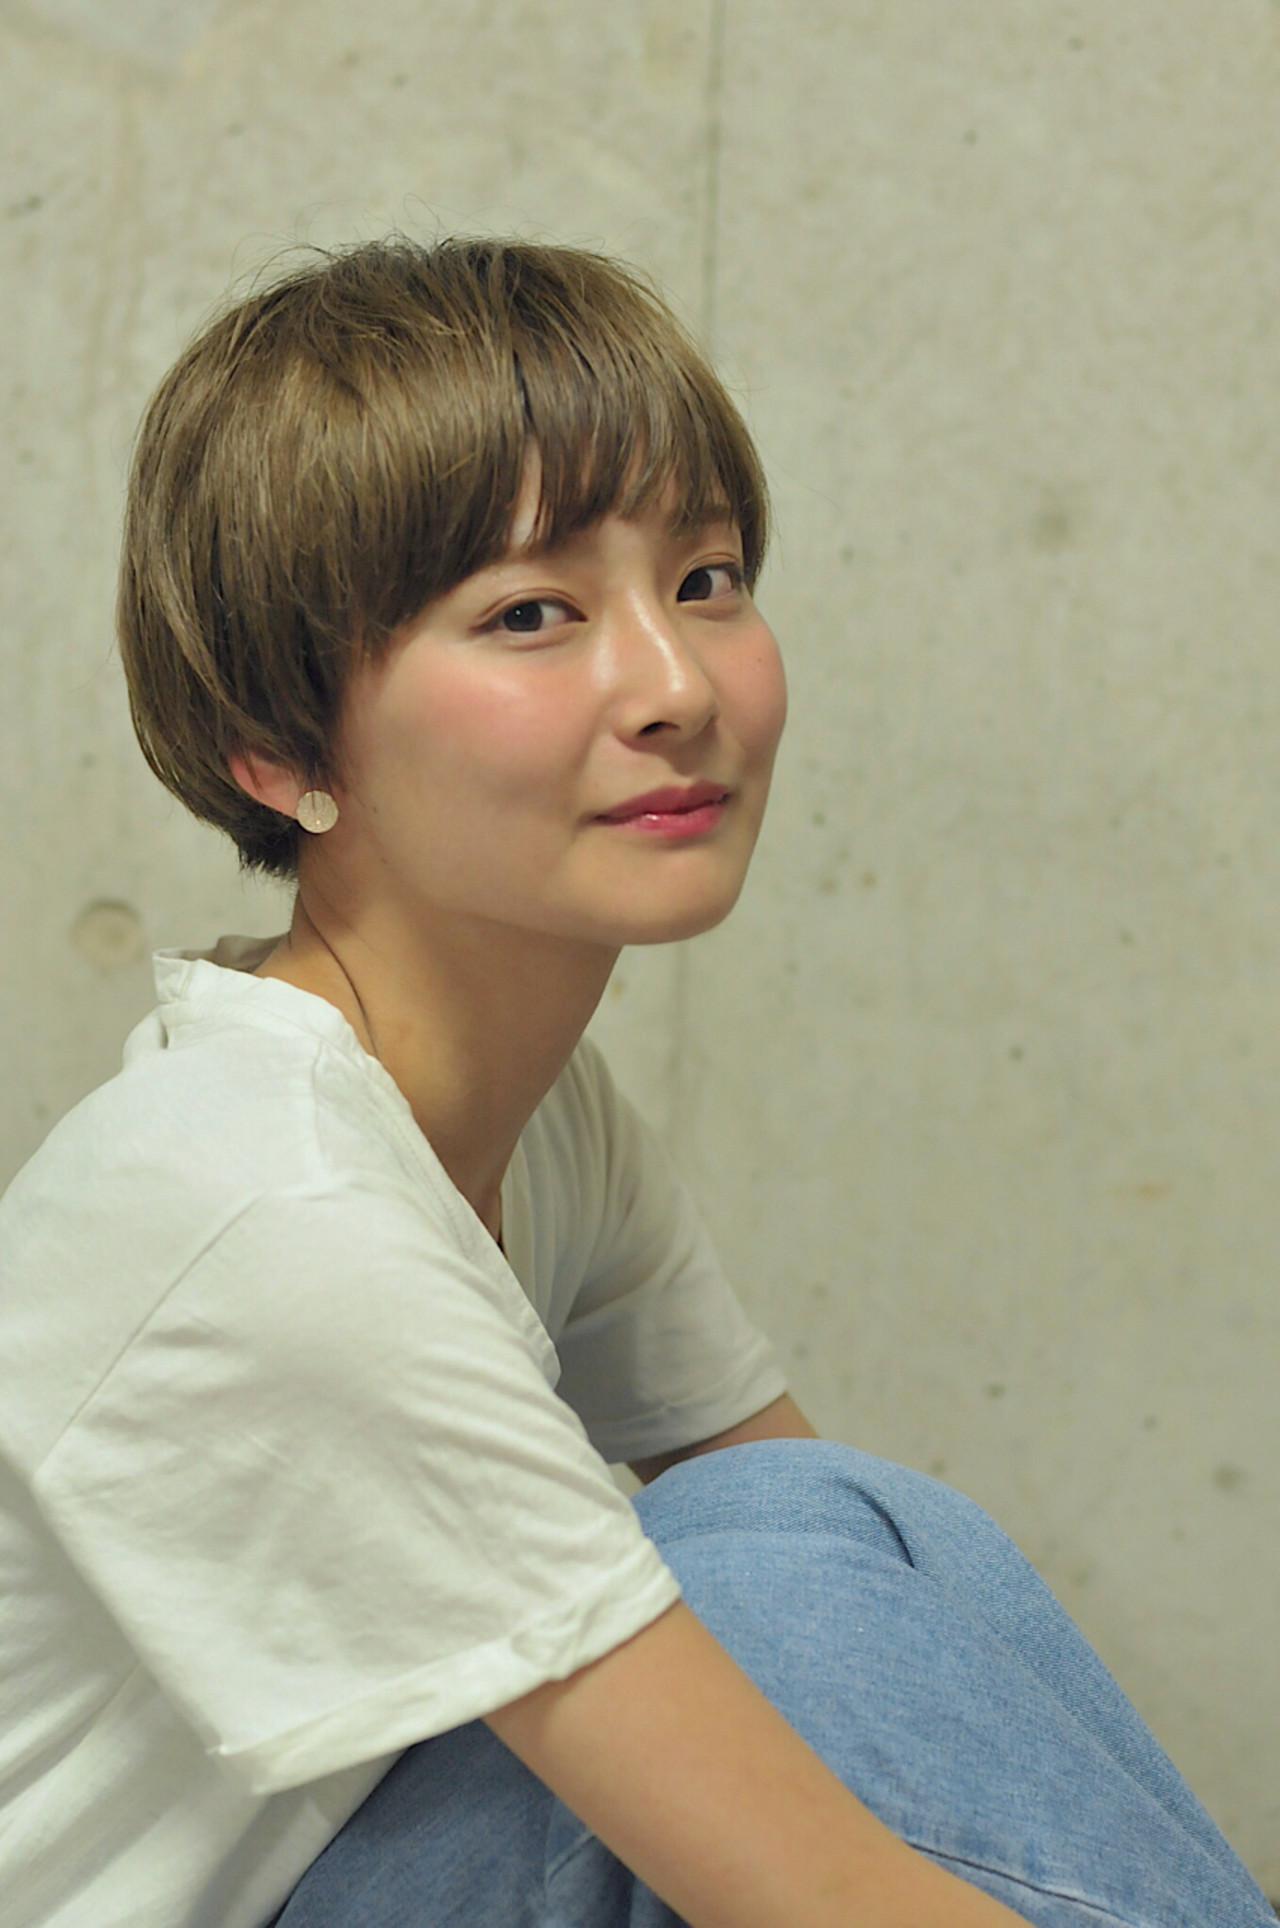 前髪ありマッシュショート♡可愛さ倍増! wada kaori